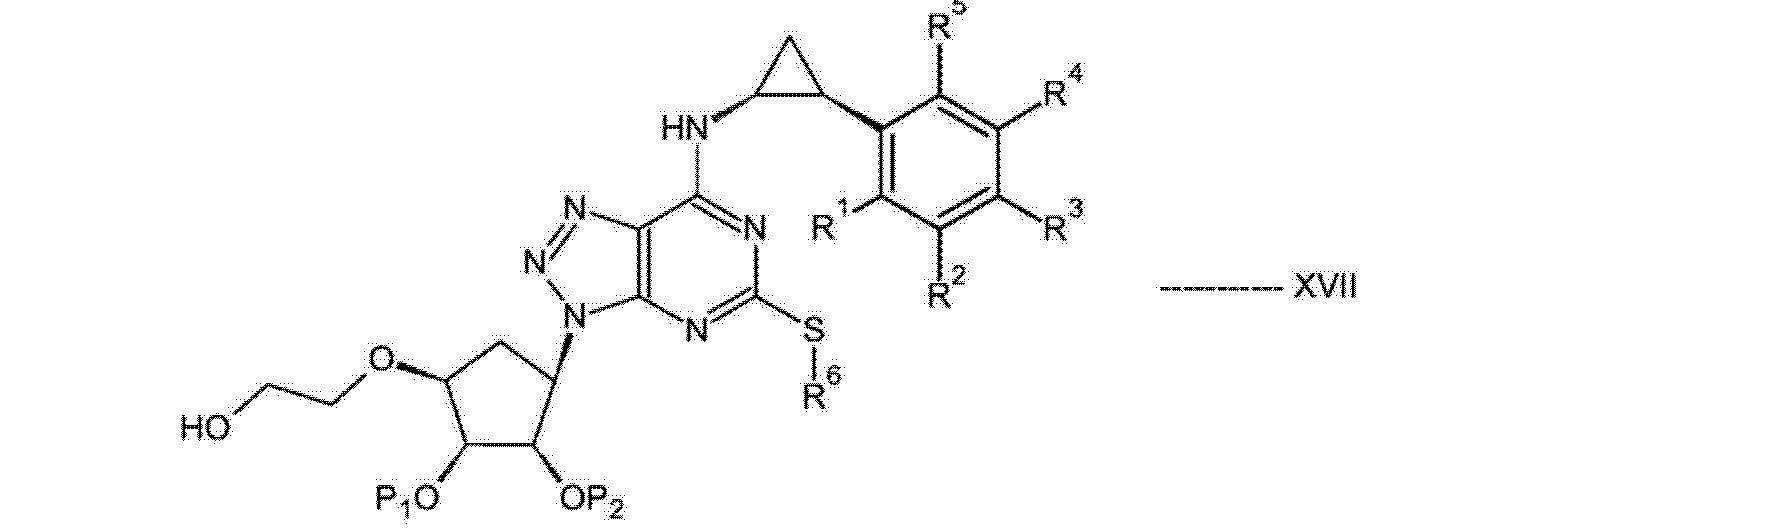 Figure CN103429576AC00142